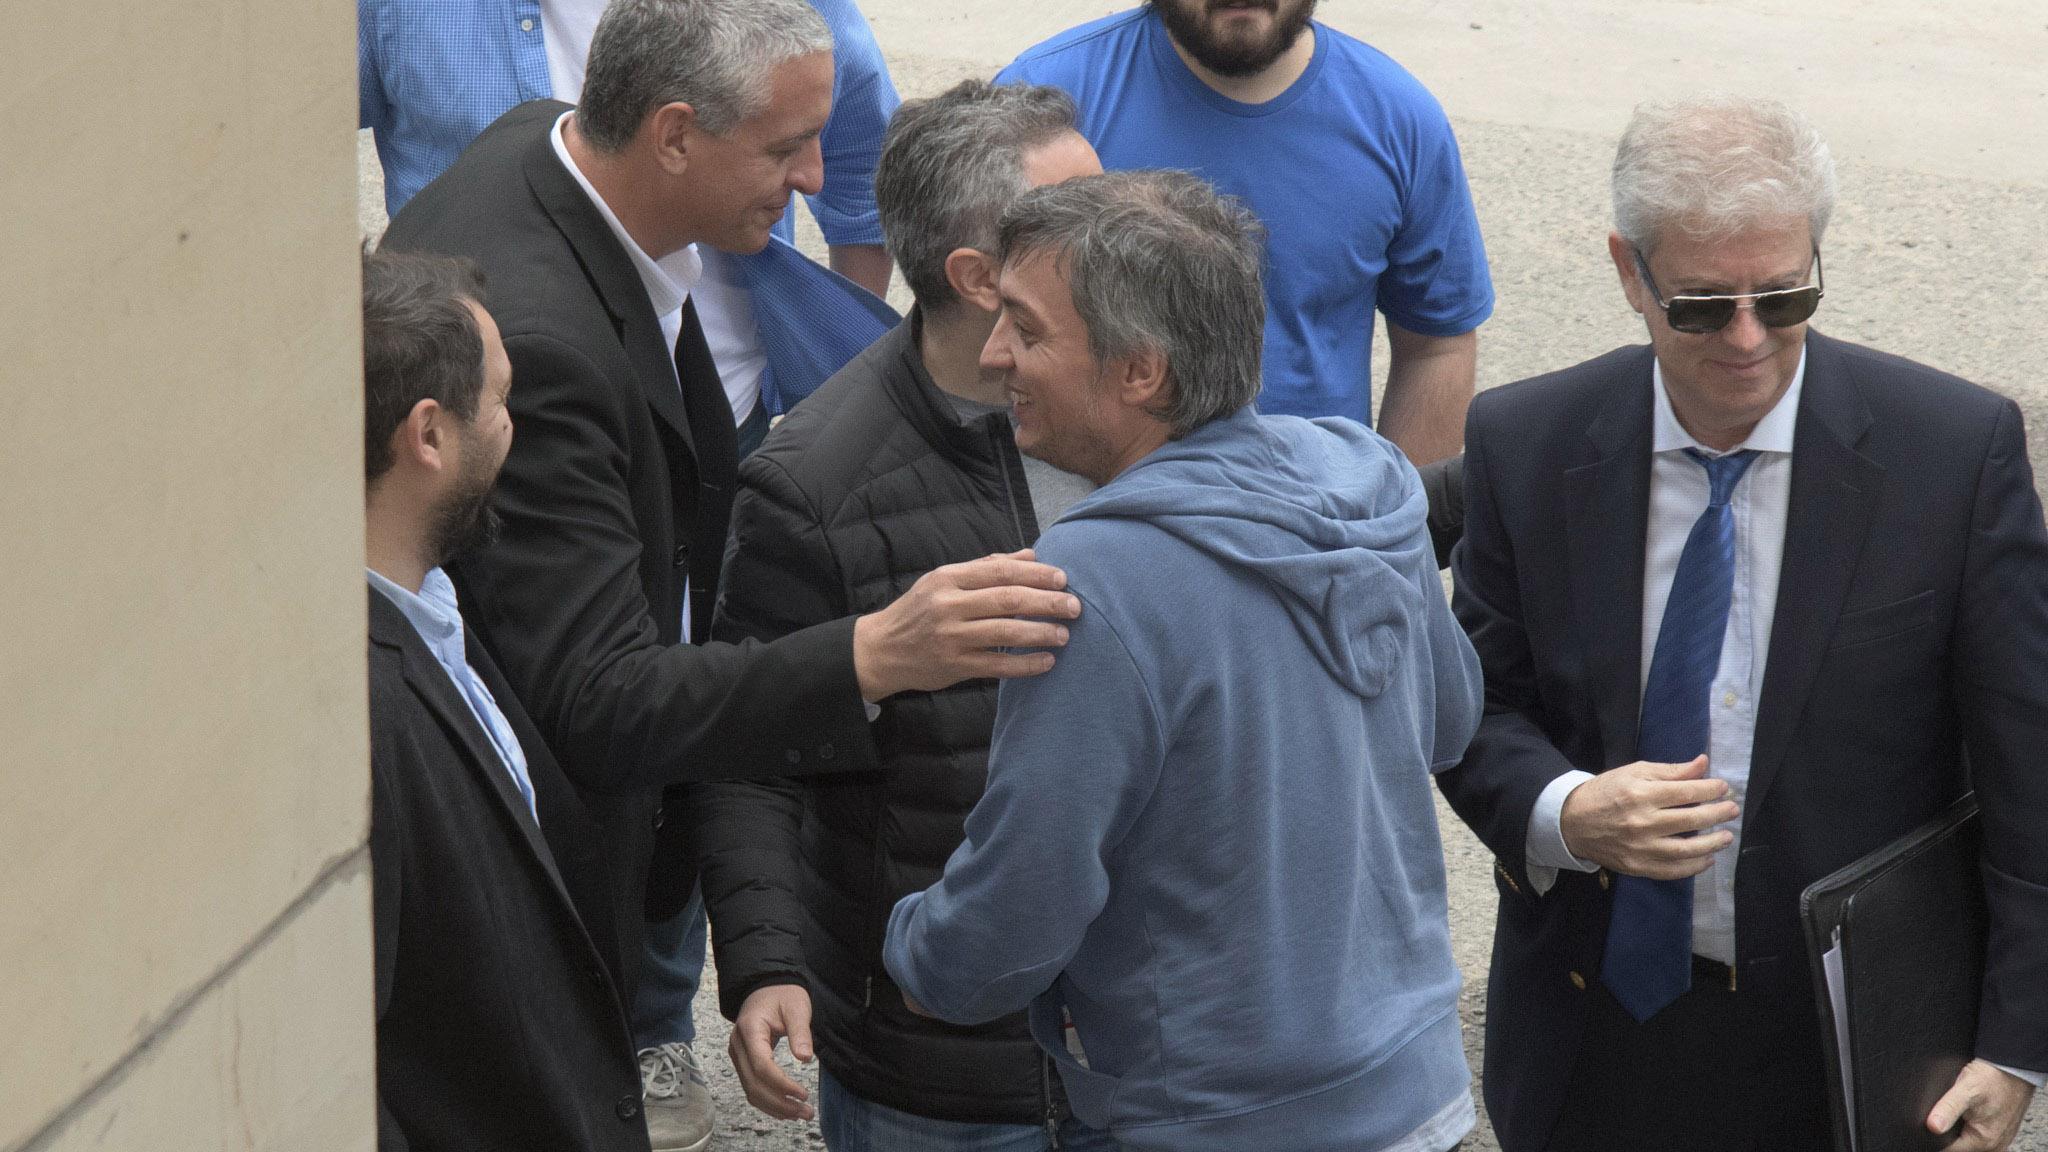 El diputado fue mencionado en la declaración del ex secretario de Obras Públicas José López.